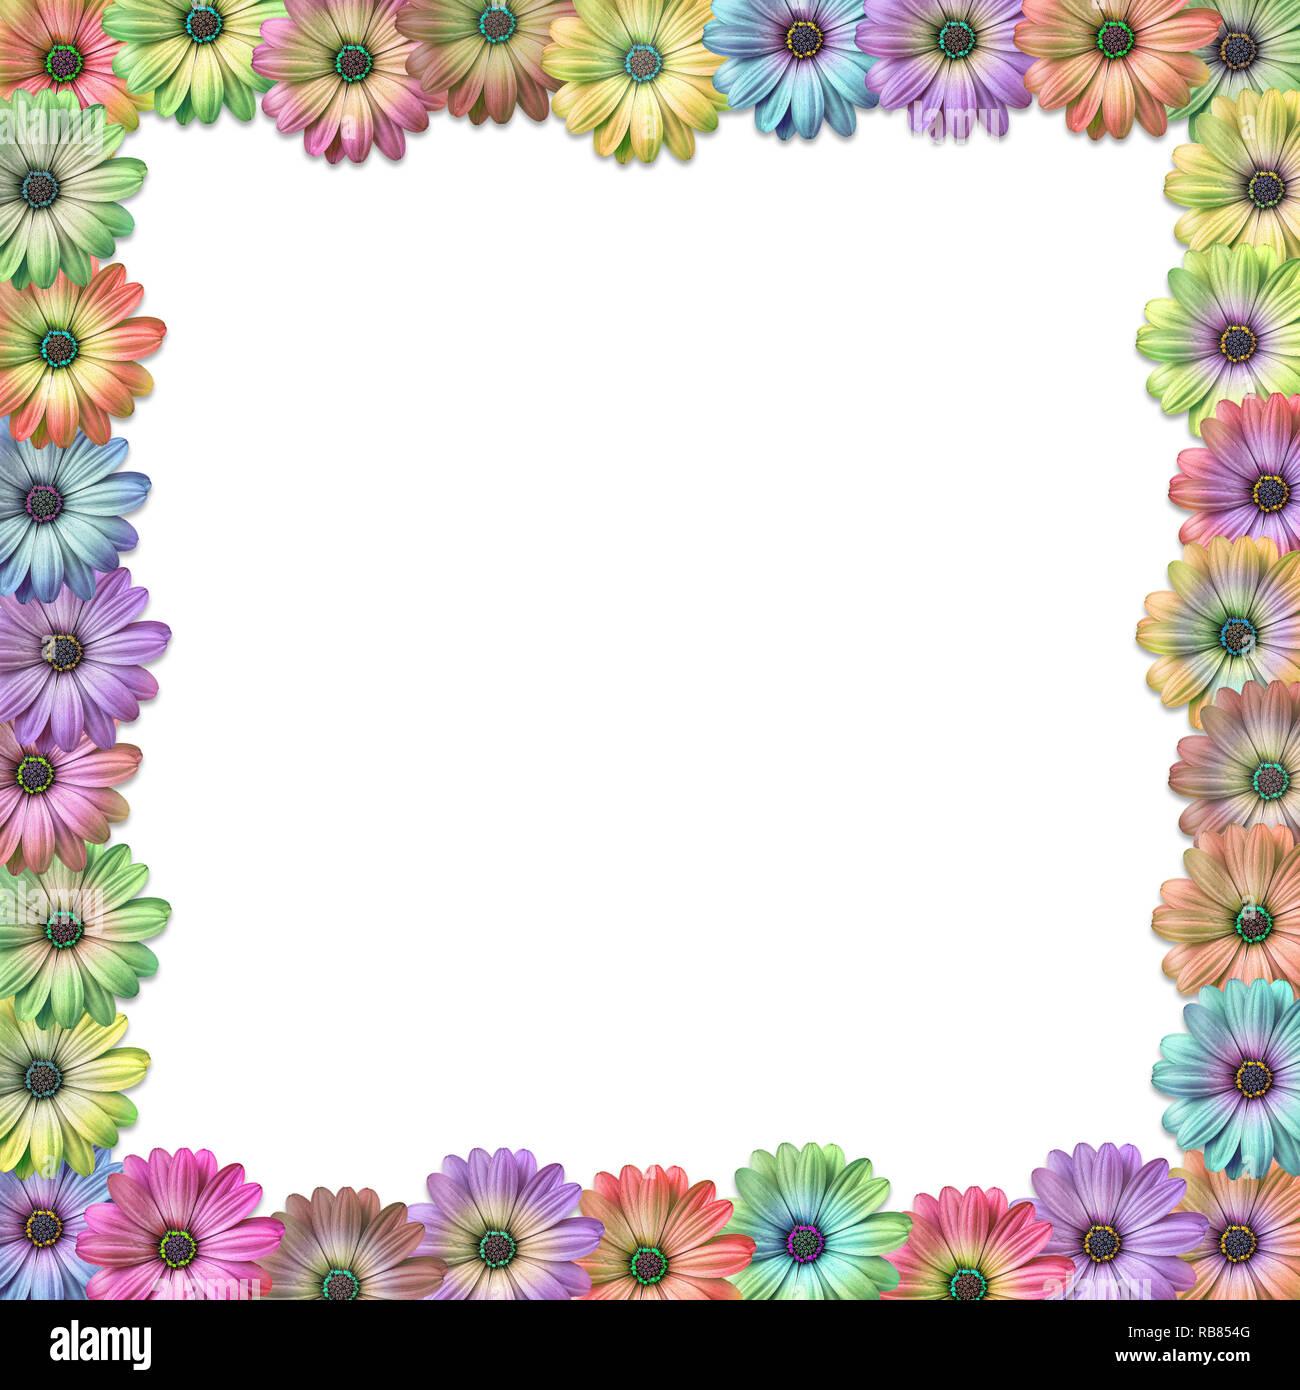 Con sfondo colorato daisy come flower confine telaio dello sfondo Foto Stock